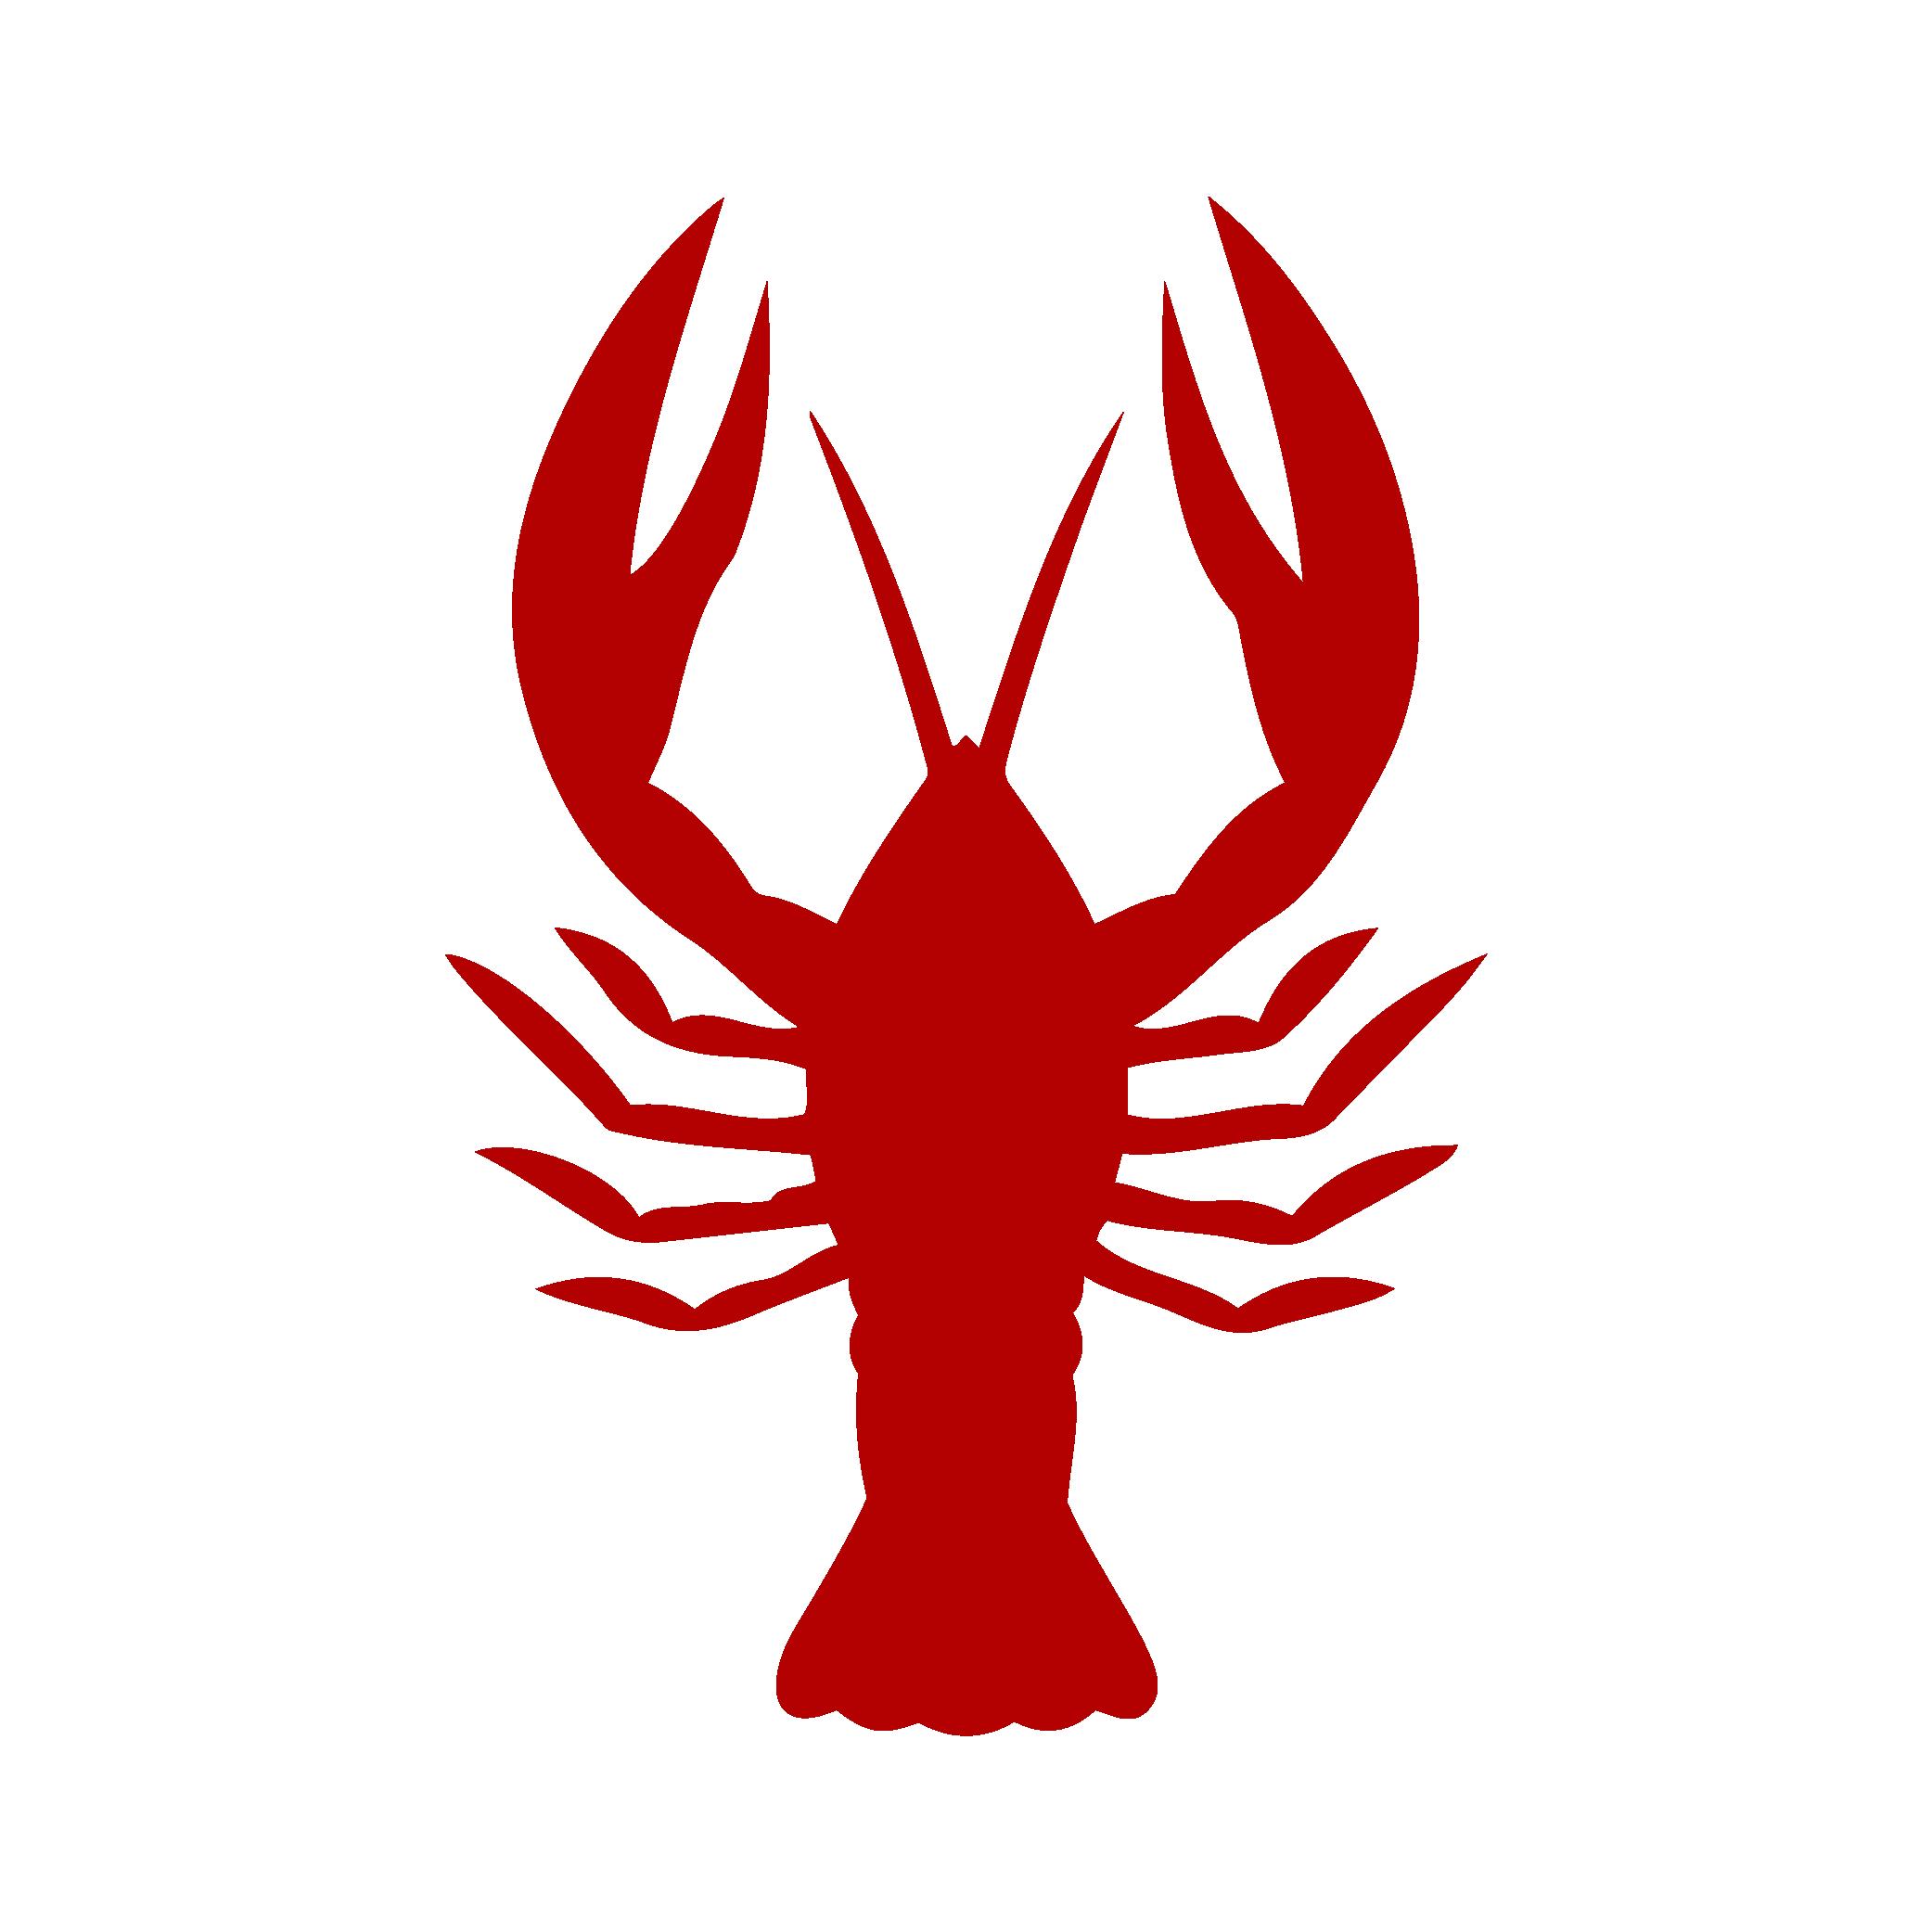 Lobster clipart crawfish boil, Lobster crawfish boil.